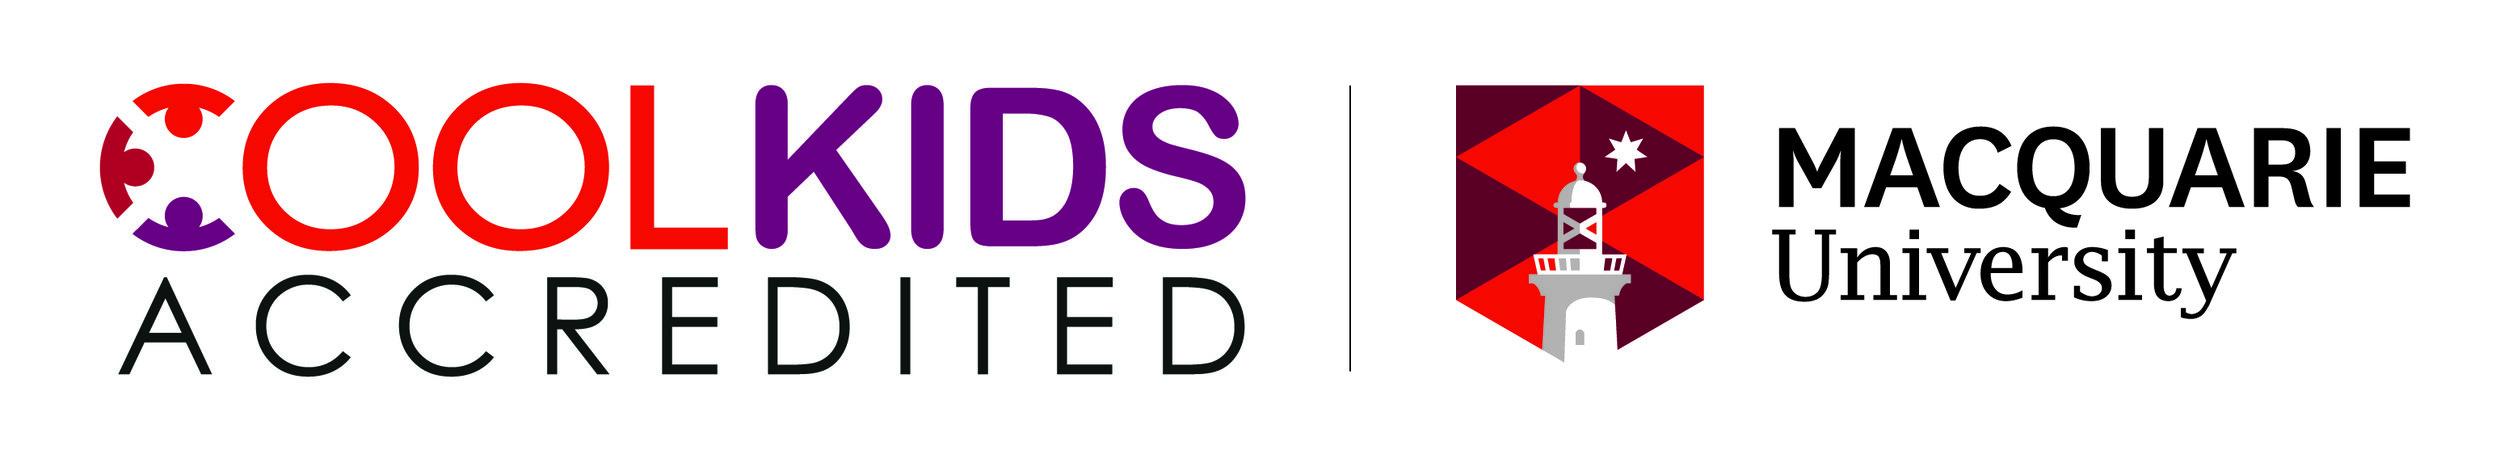 Cool-Kids-Accredited-MU_logo.jpg